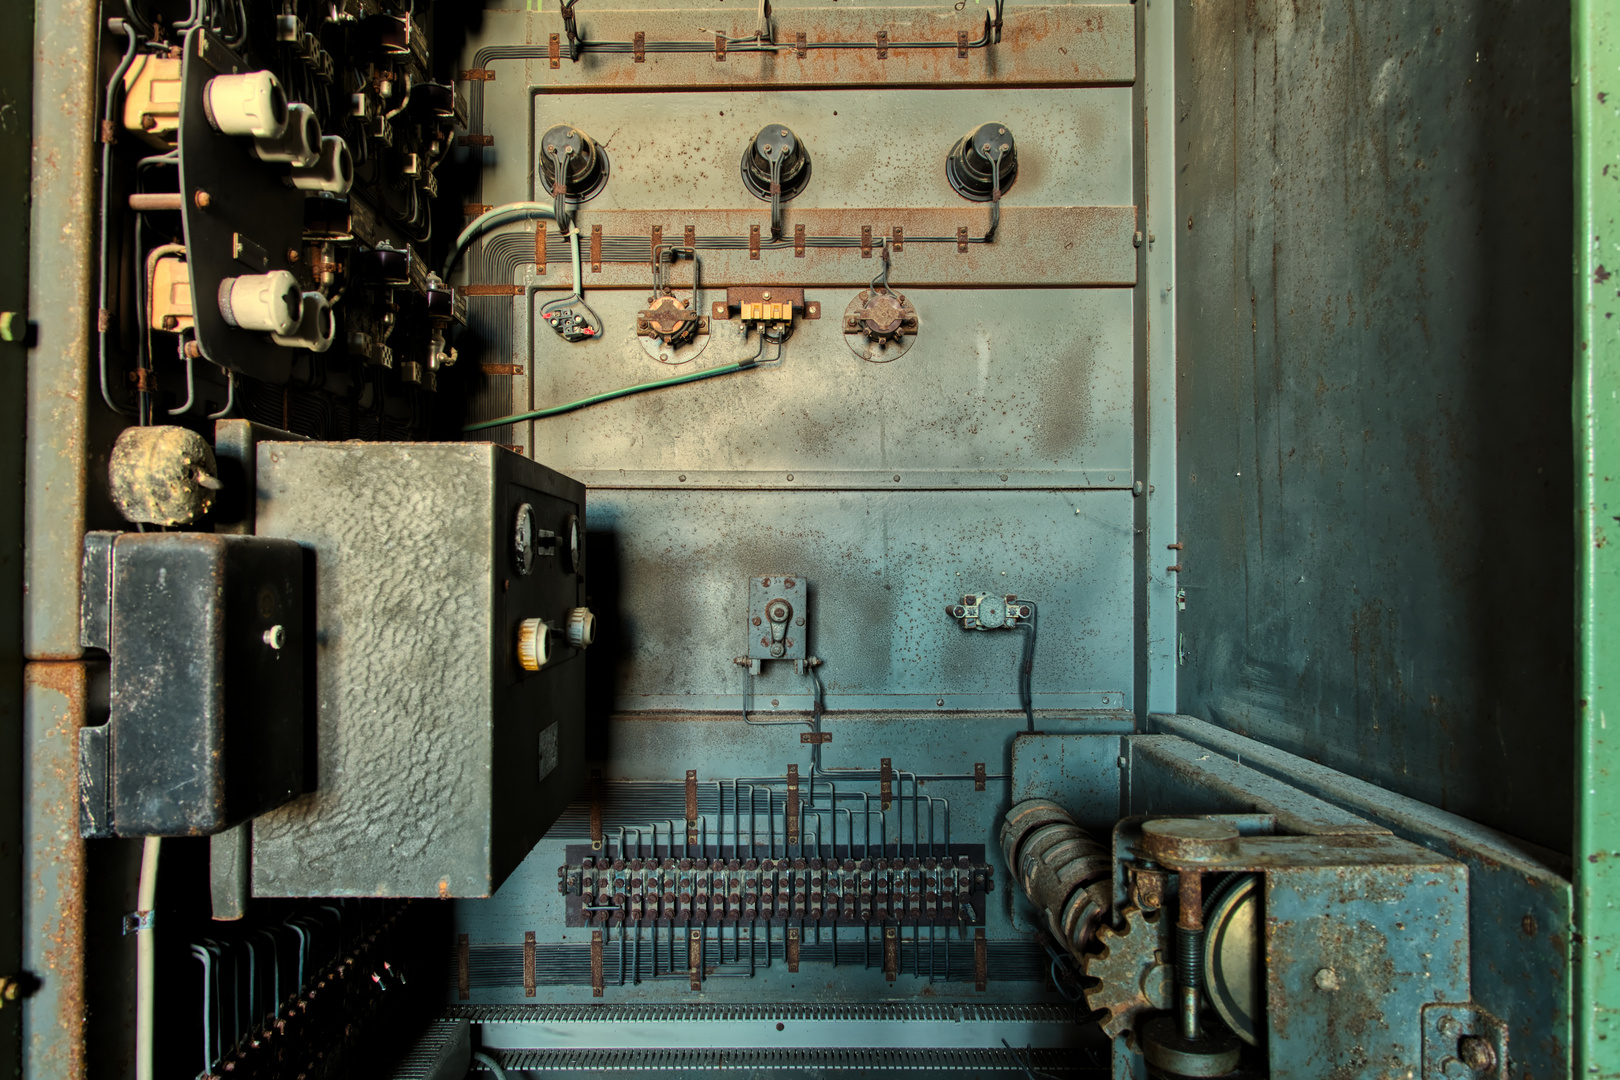 Im Inneren der Elektronik